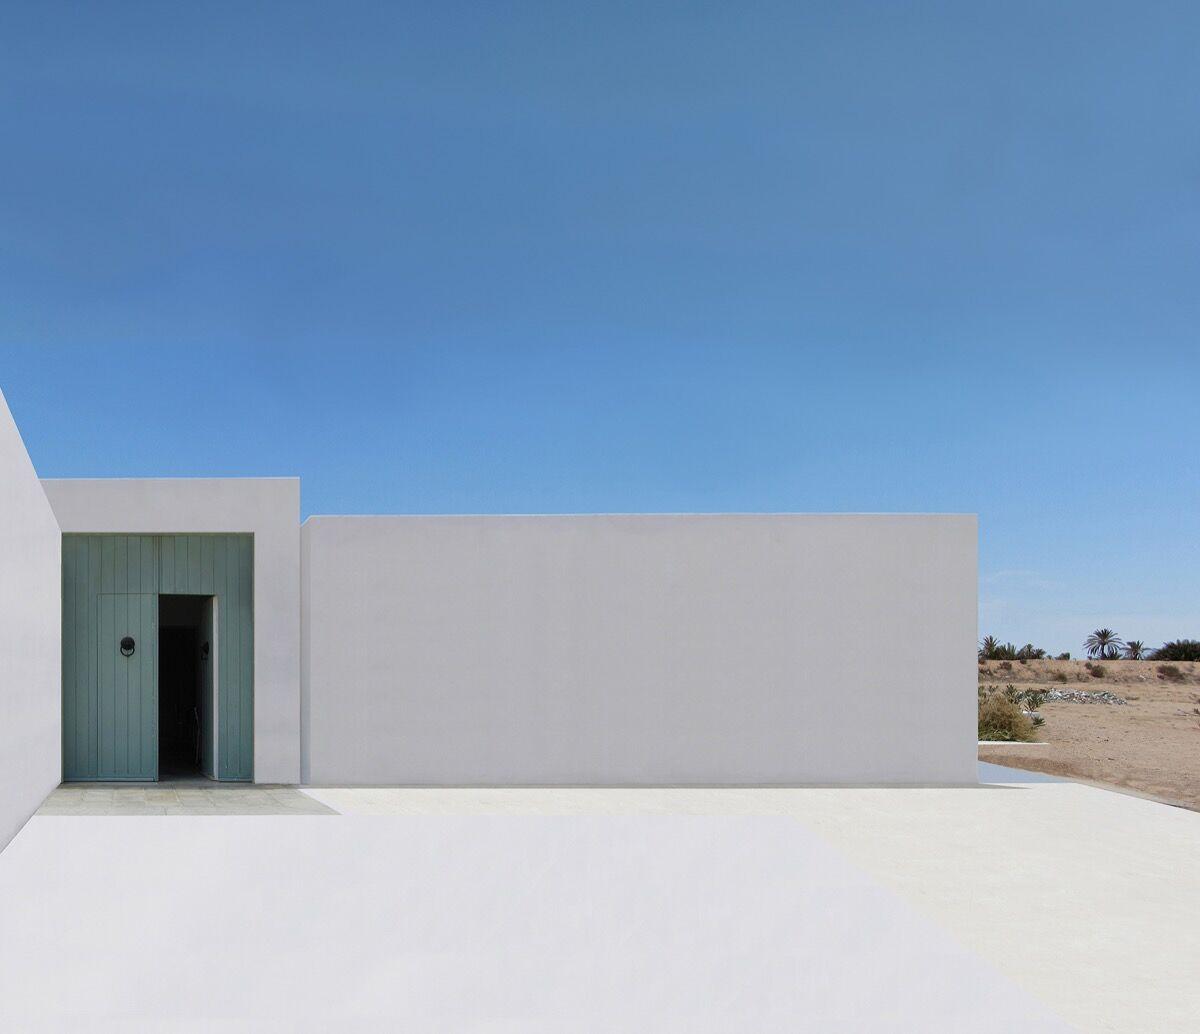 Deserti Tascabili DJ Complex, AutonomeForme, 2017, Djerba. Courtesy of AutonomeForme.